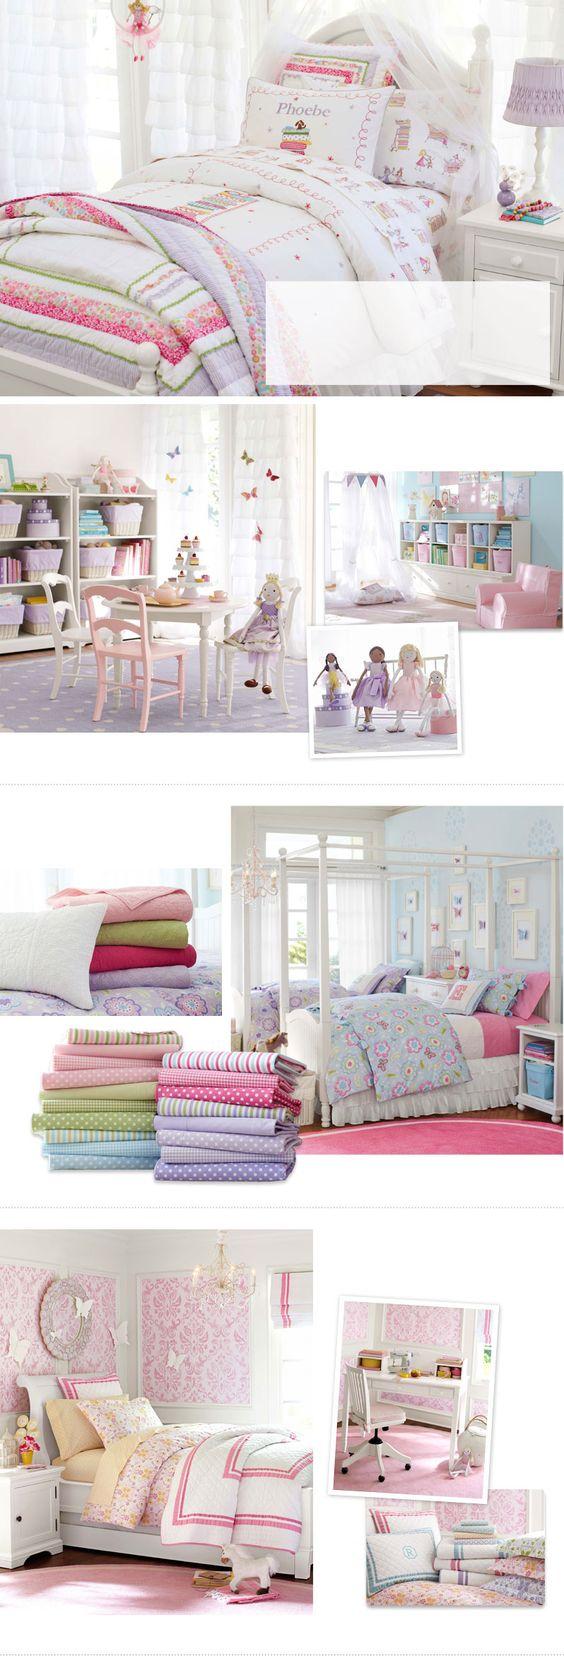 Girls Bedroom Ideas & Girls Room Ideas | Pottery Barn Kids - lovely bedding: